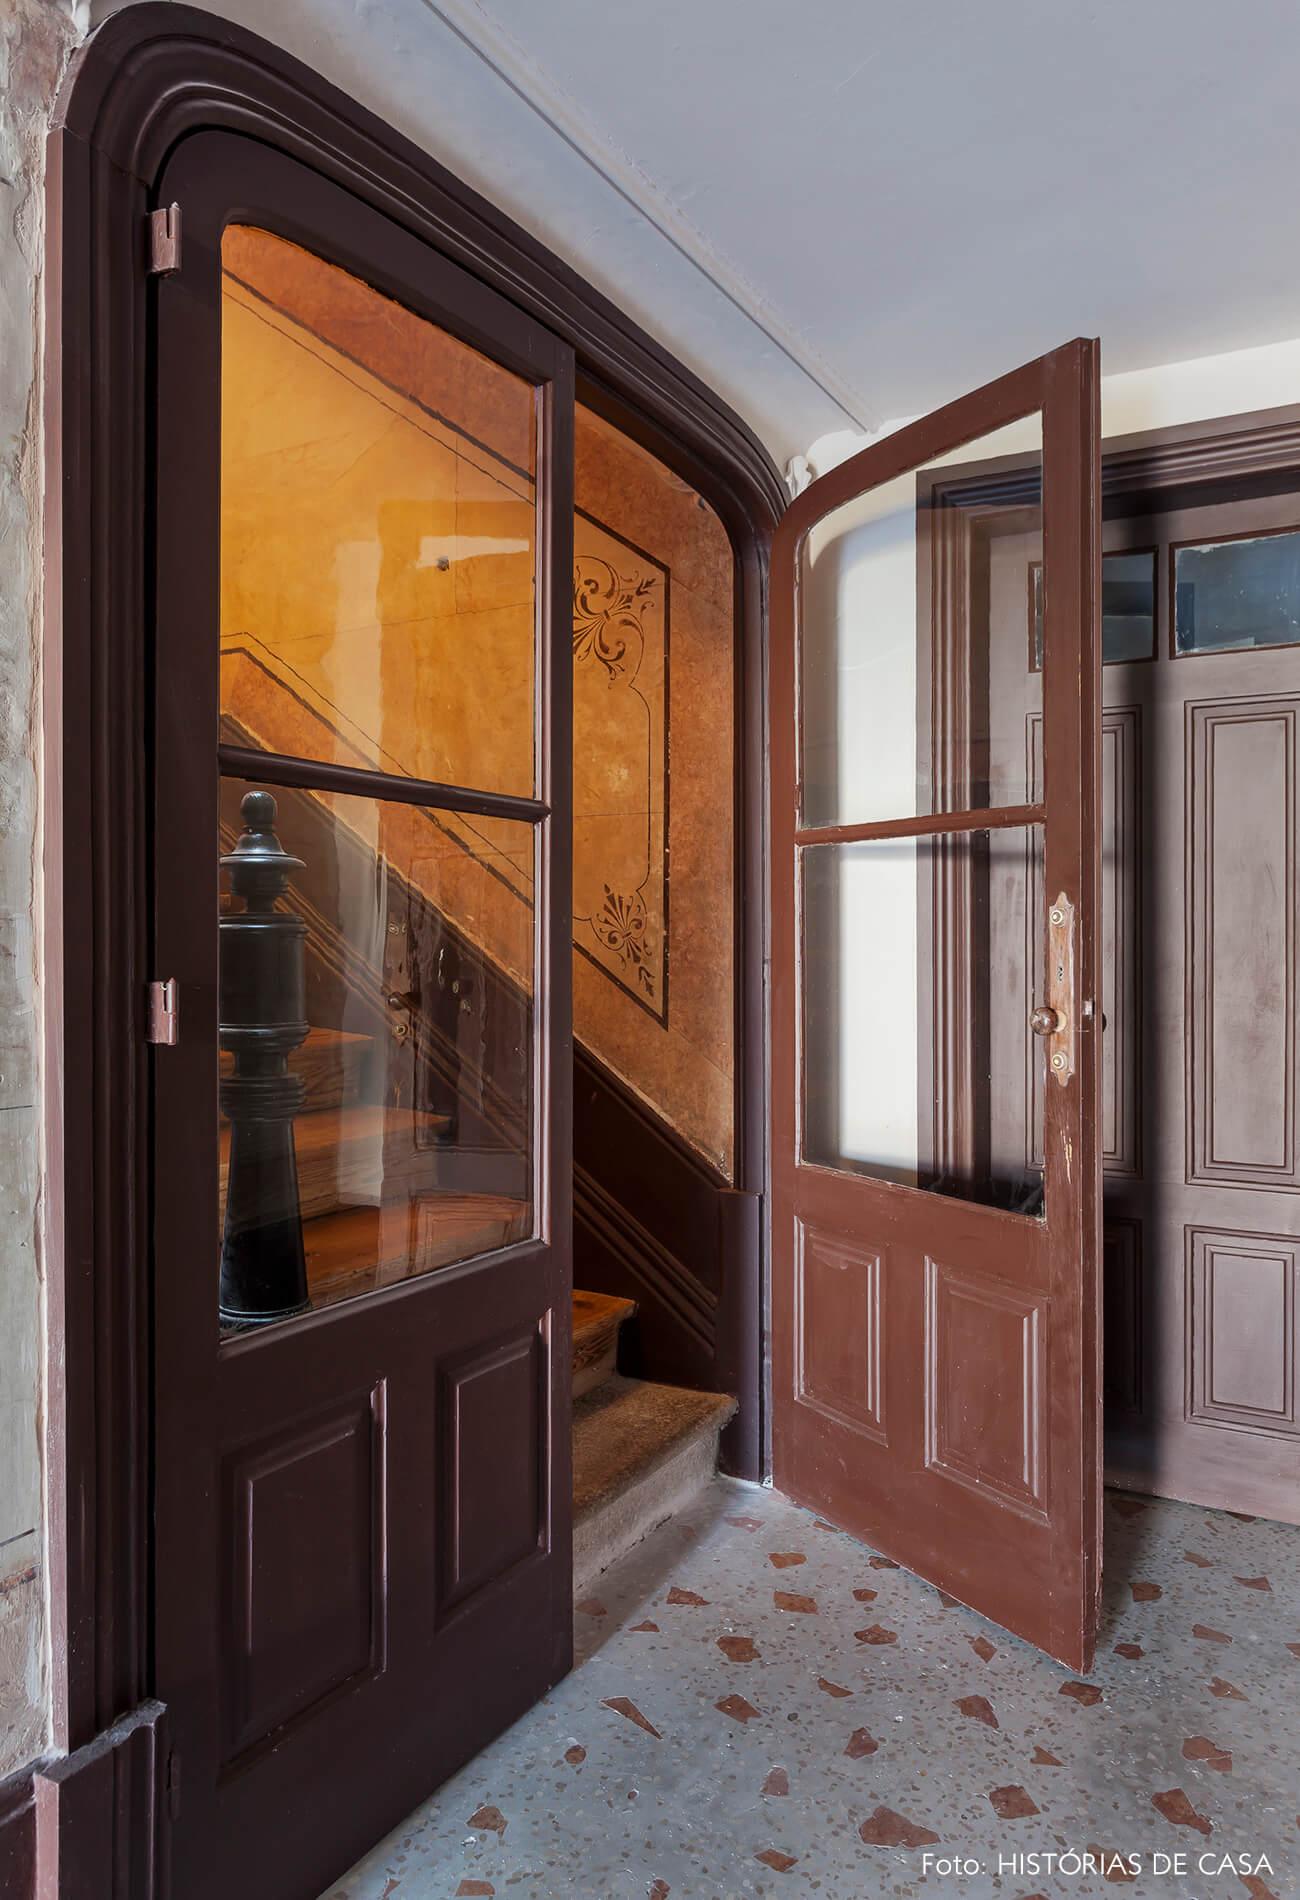 Casa centenária em Portugal com portas de madeira